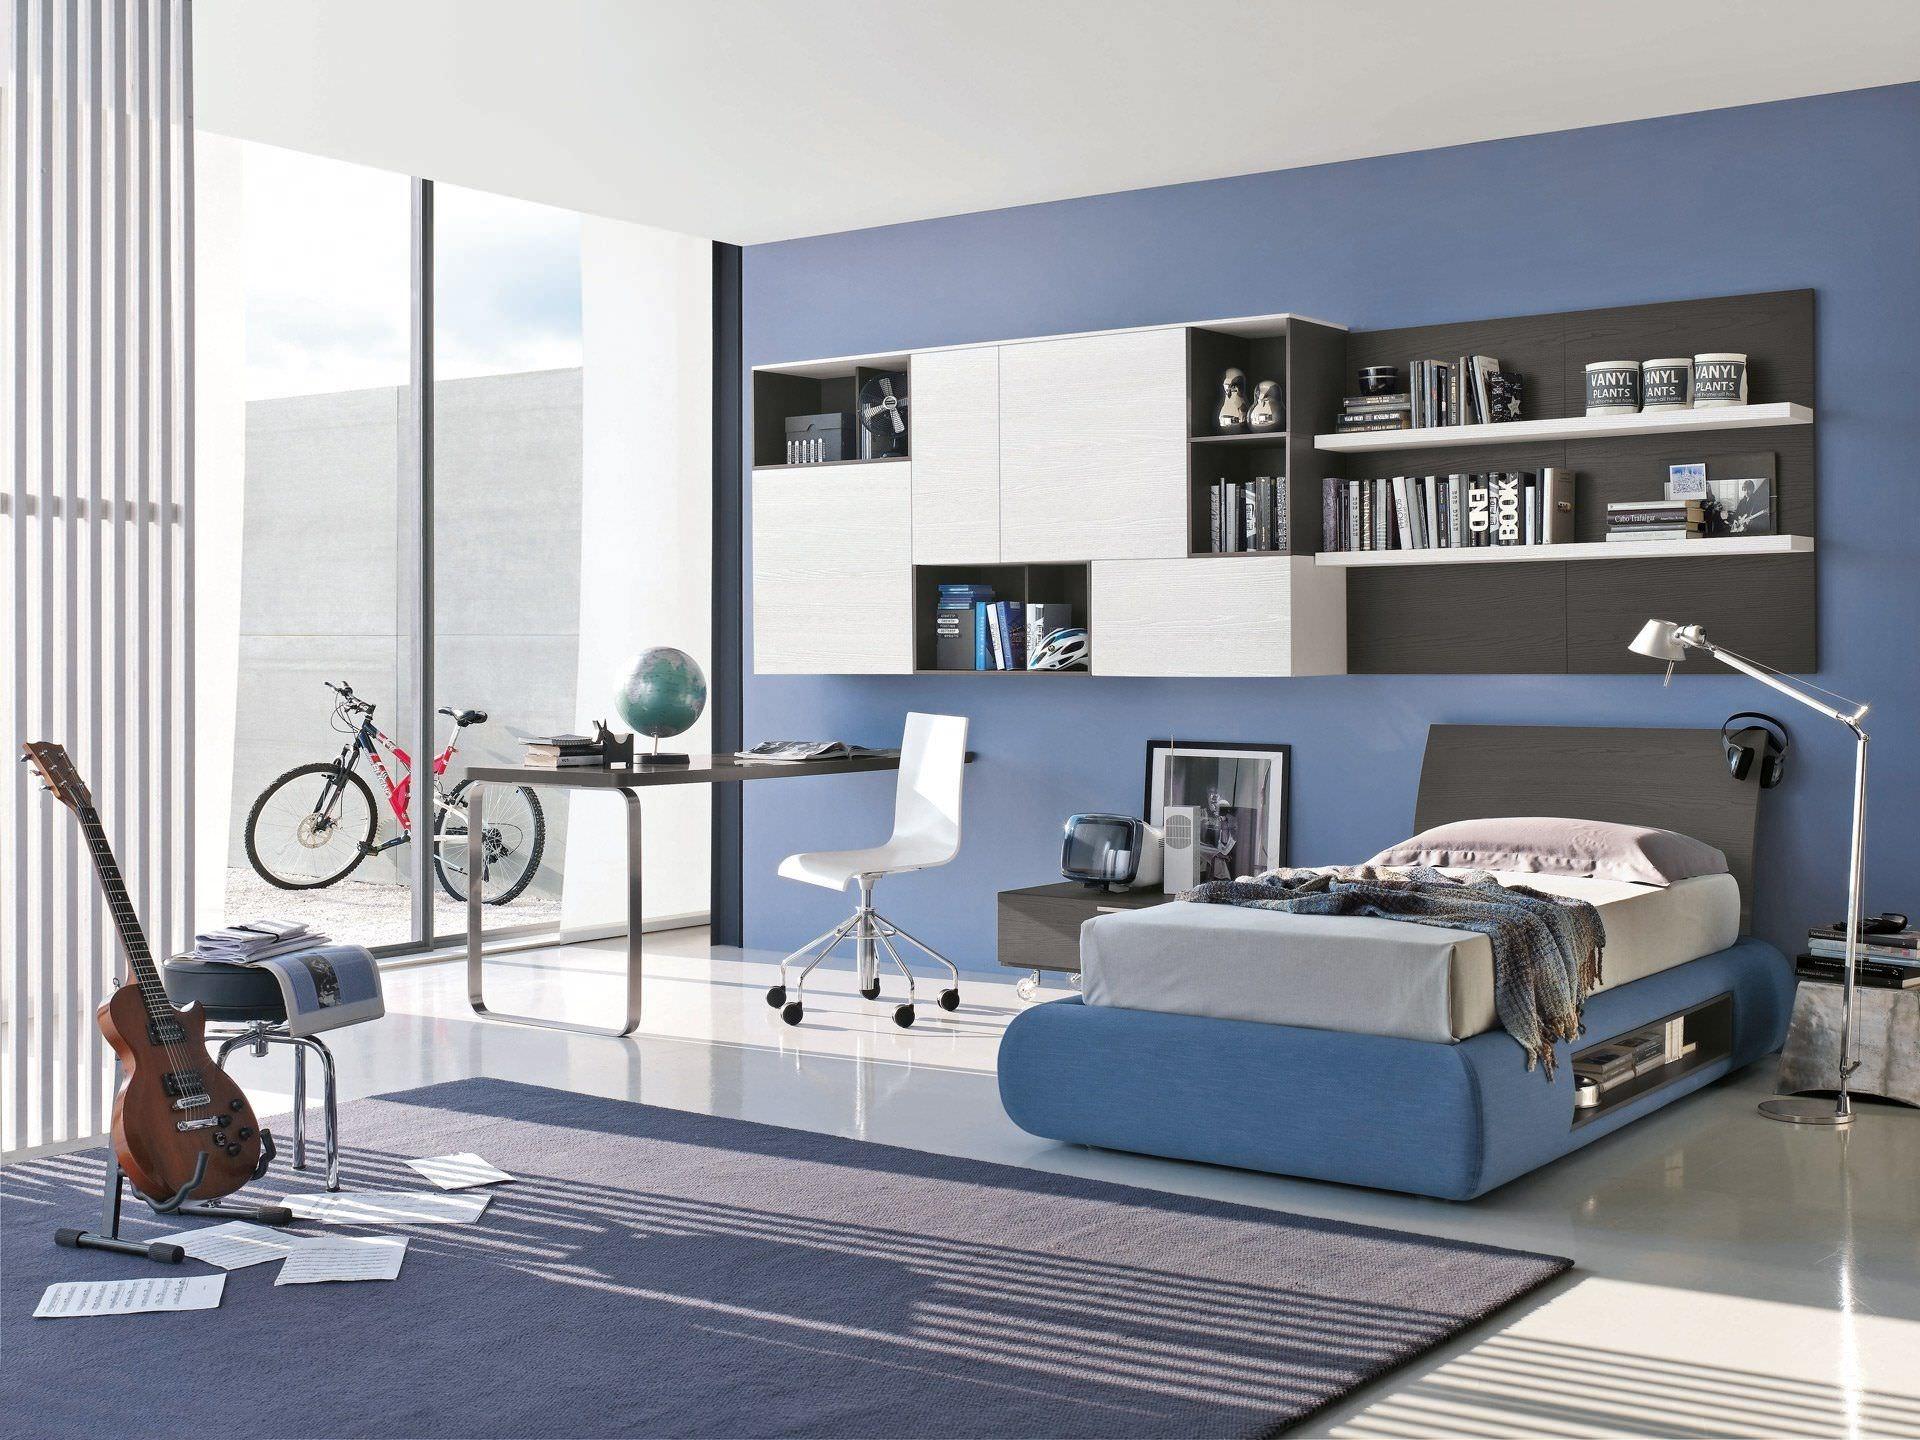 Les plus belles chambres d 39 enfants bricolage maison - Chambre d enfant moderne ...